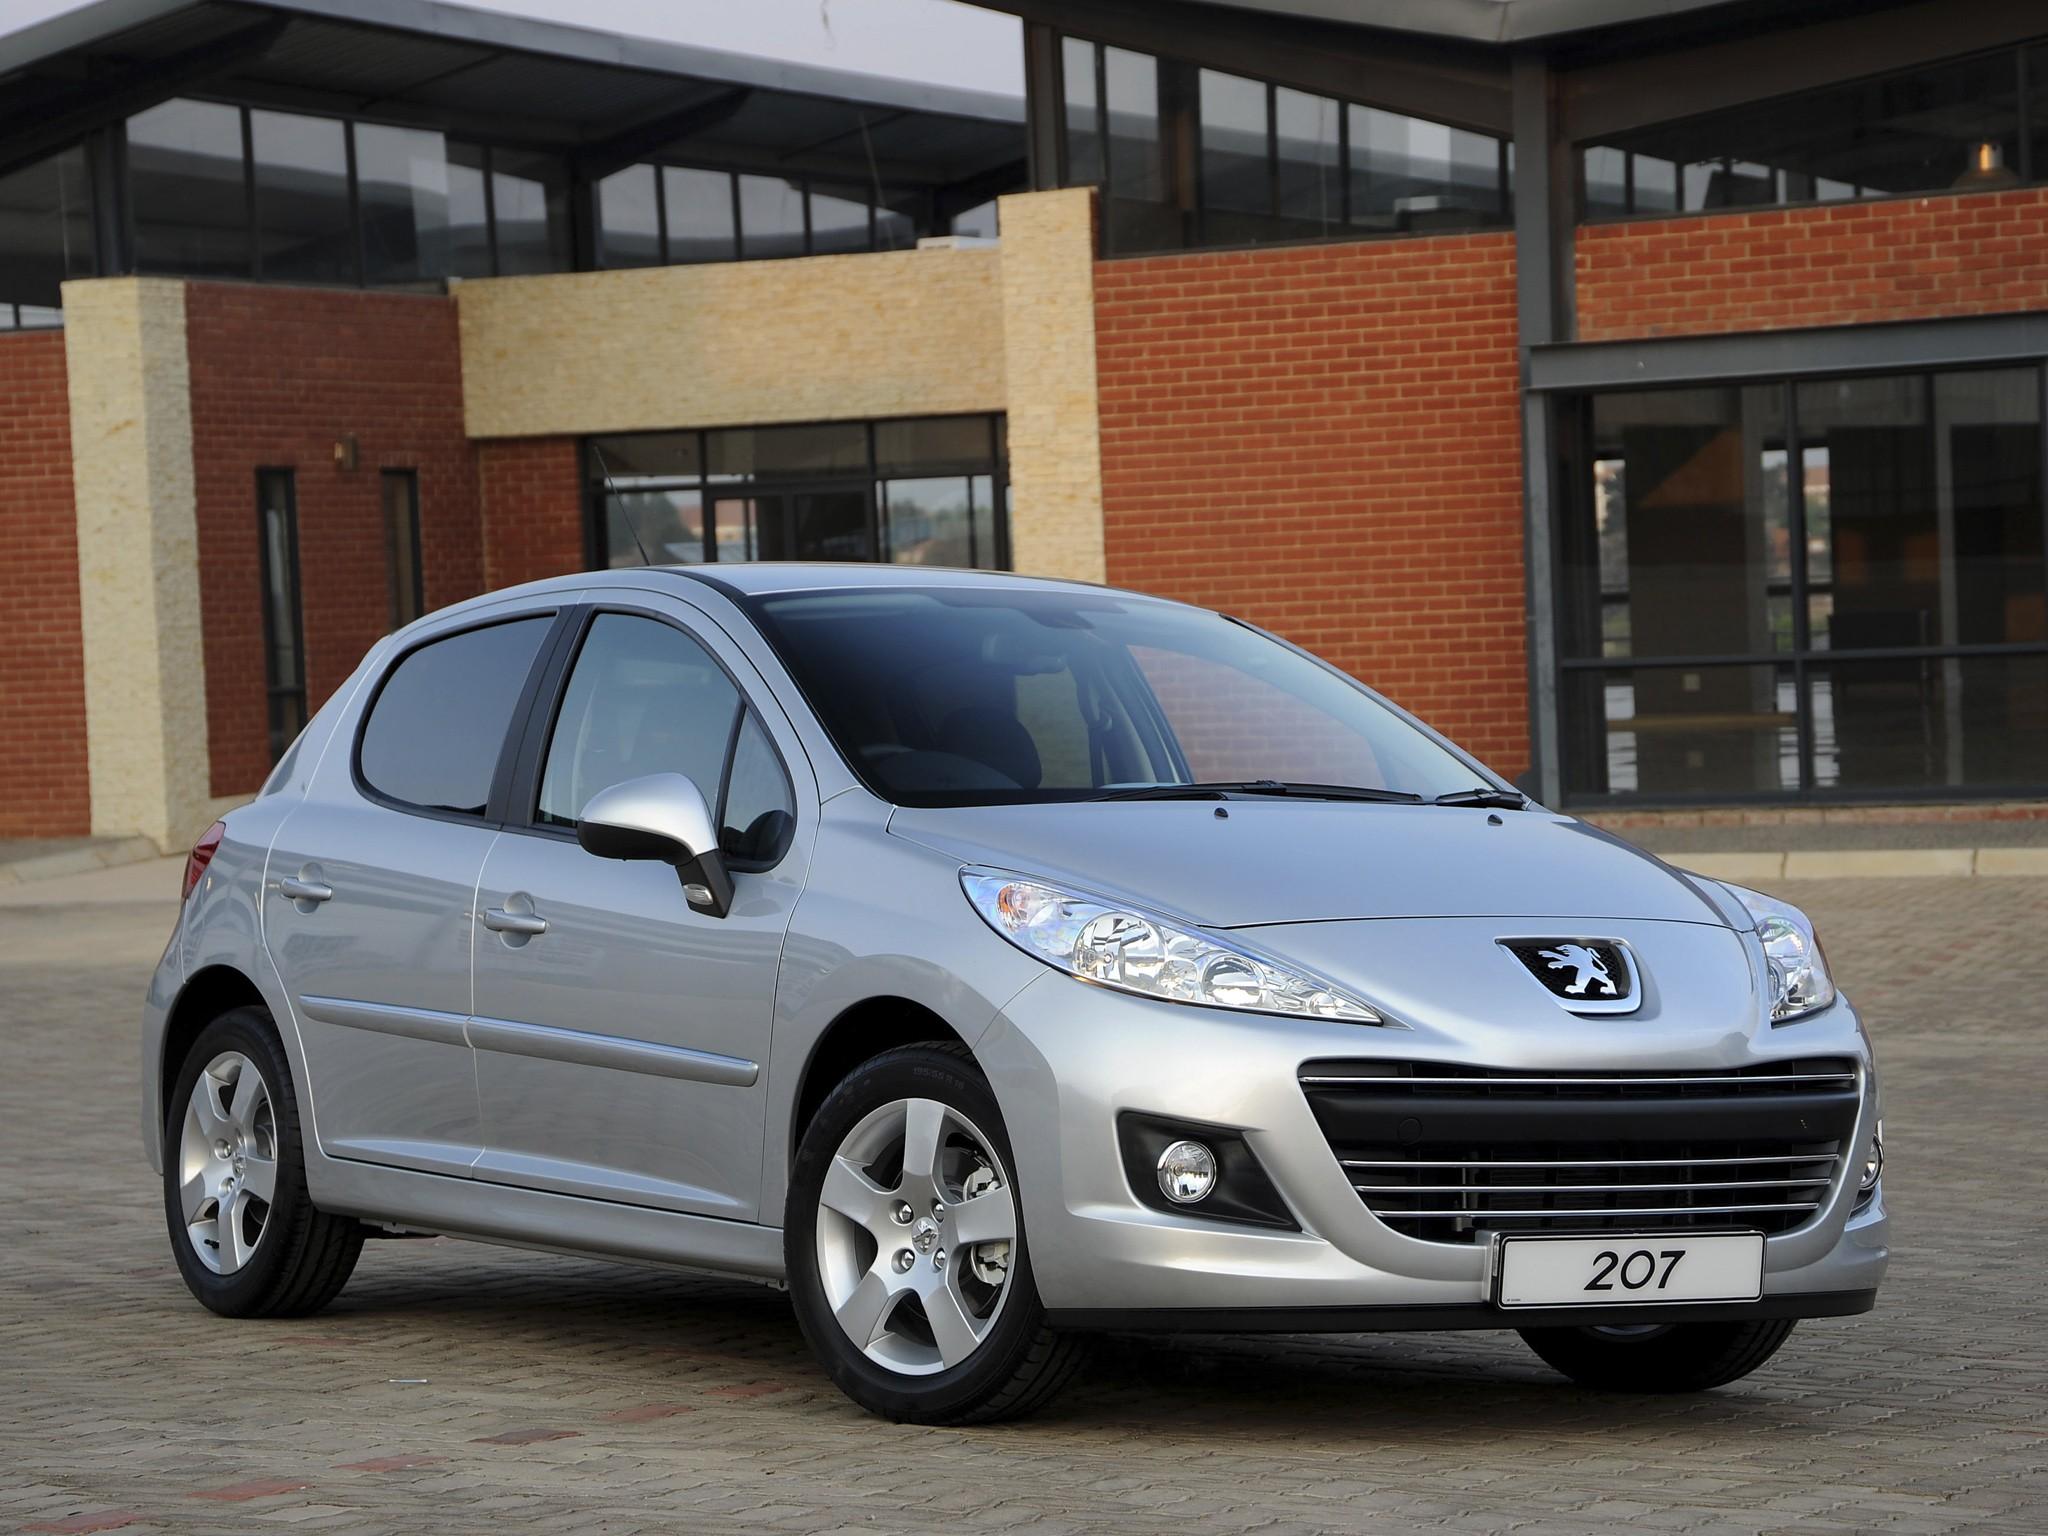 Нужно ли переводить селектор РКПП Peugeot 207  в положение N в пробках